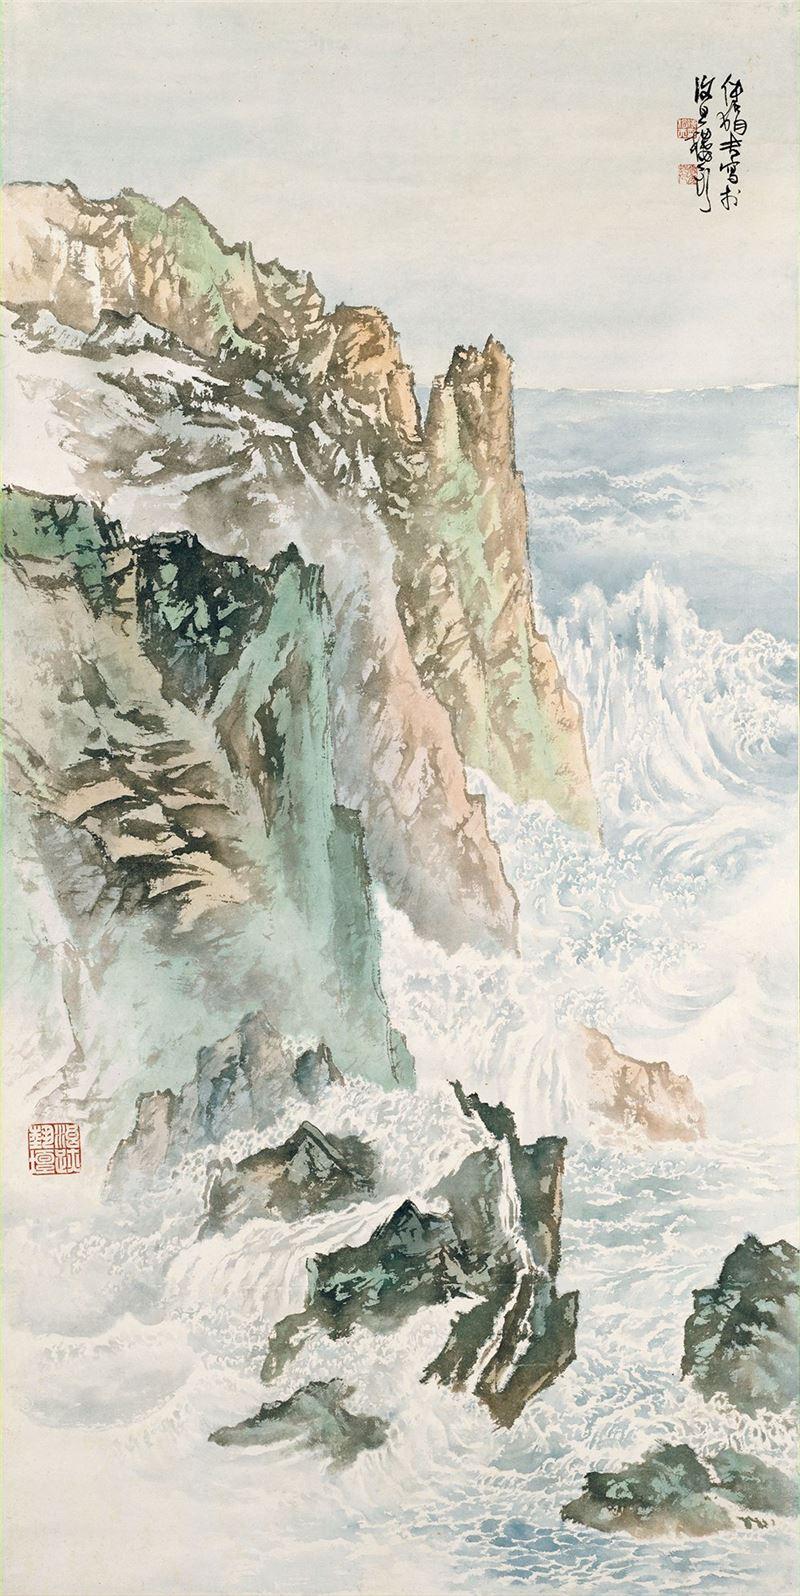 傅狷夫〈奔濤捲雪〉1968 彩墨、紙本 181×90.2 cm